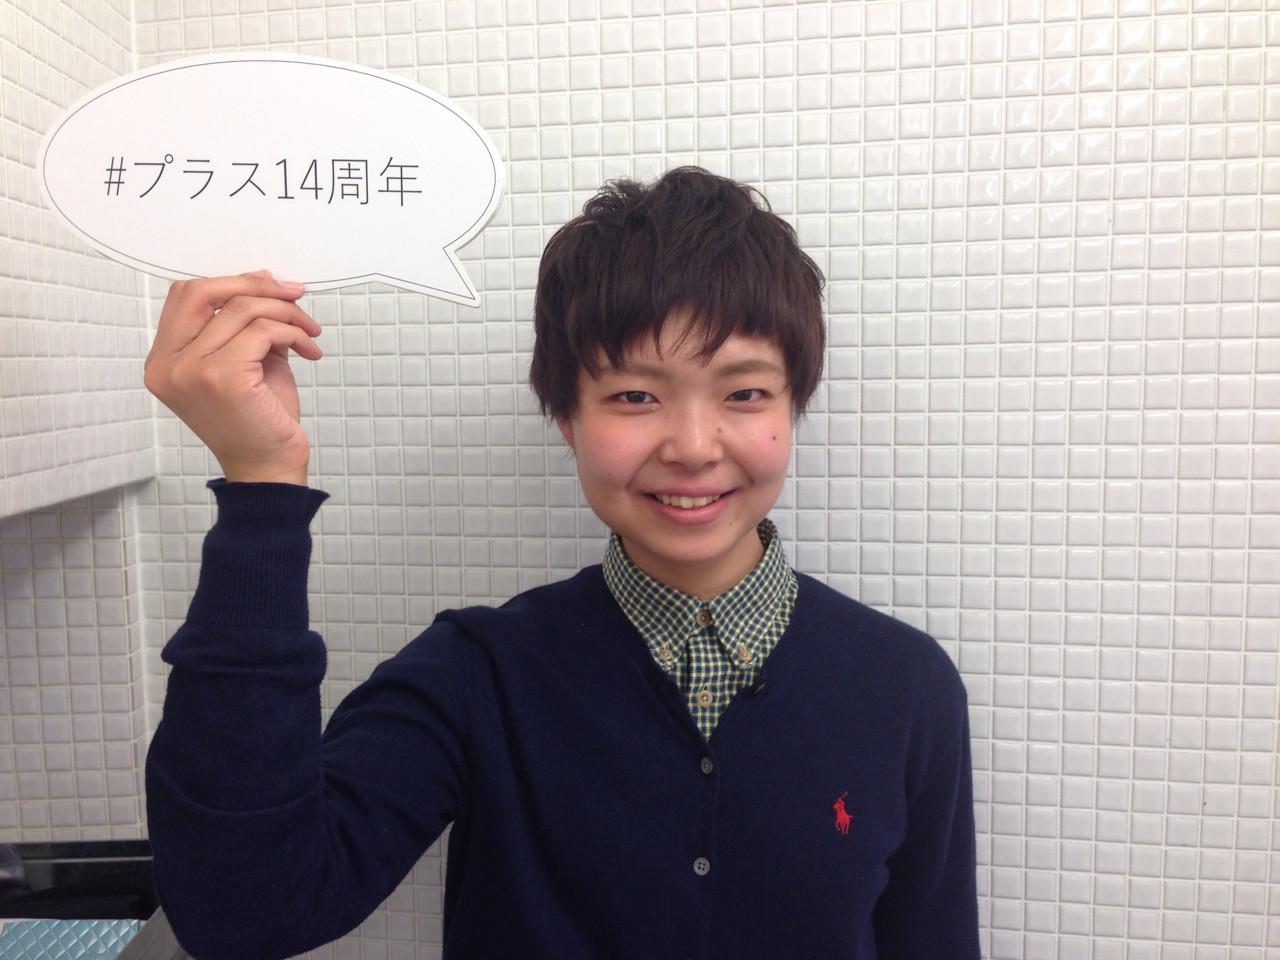 ストリート 黒髪 ナチュラル レイヤーカット ヘアスタイルや髪型の写真・画像 | ヤマシタ ババ ヨシアキ / 福岡 Pluss